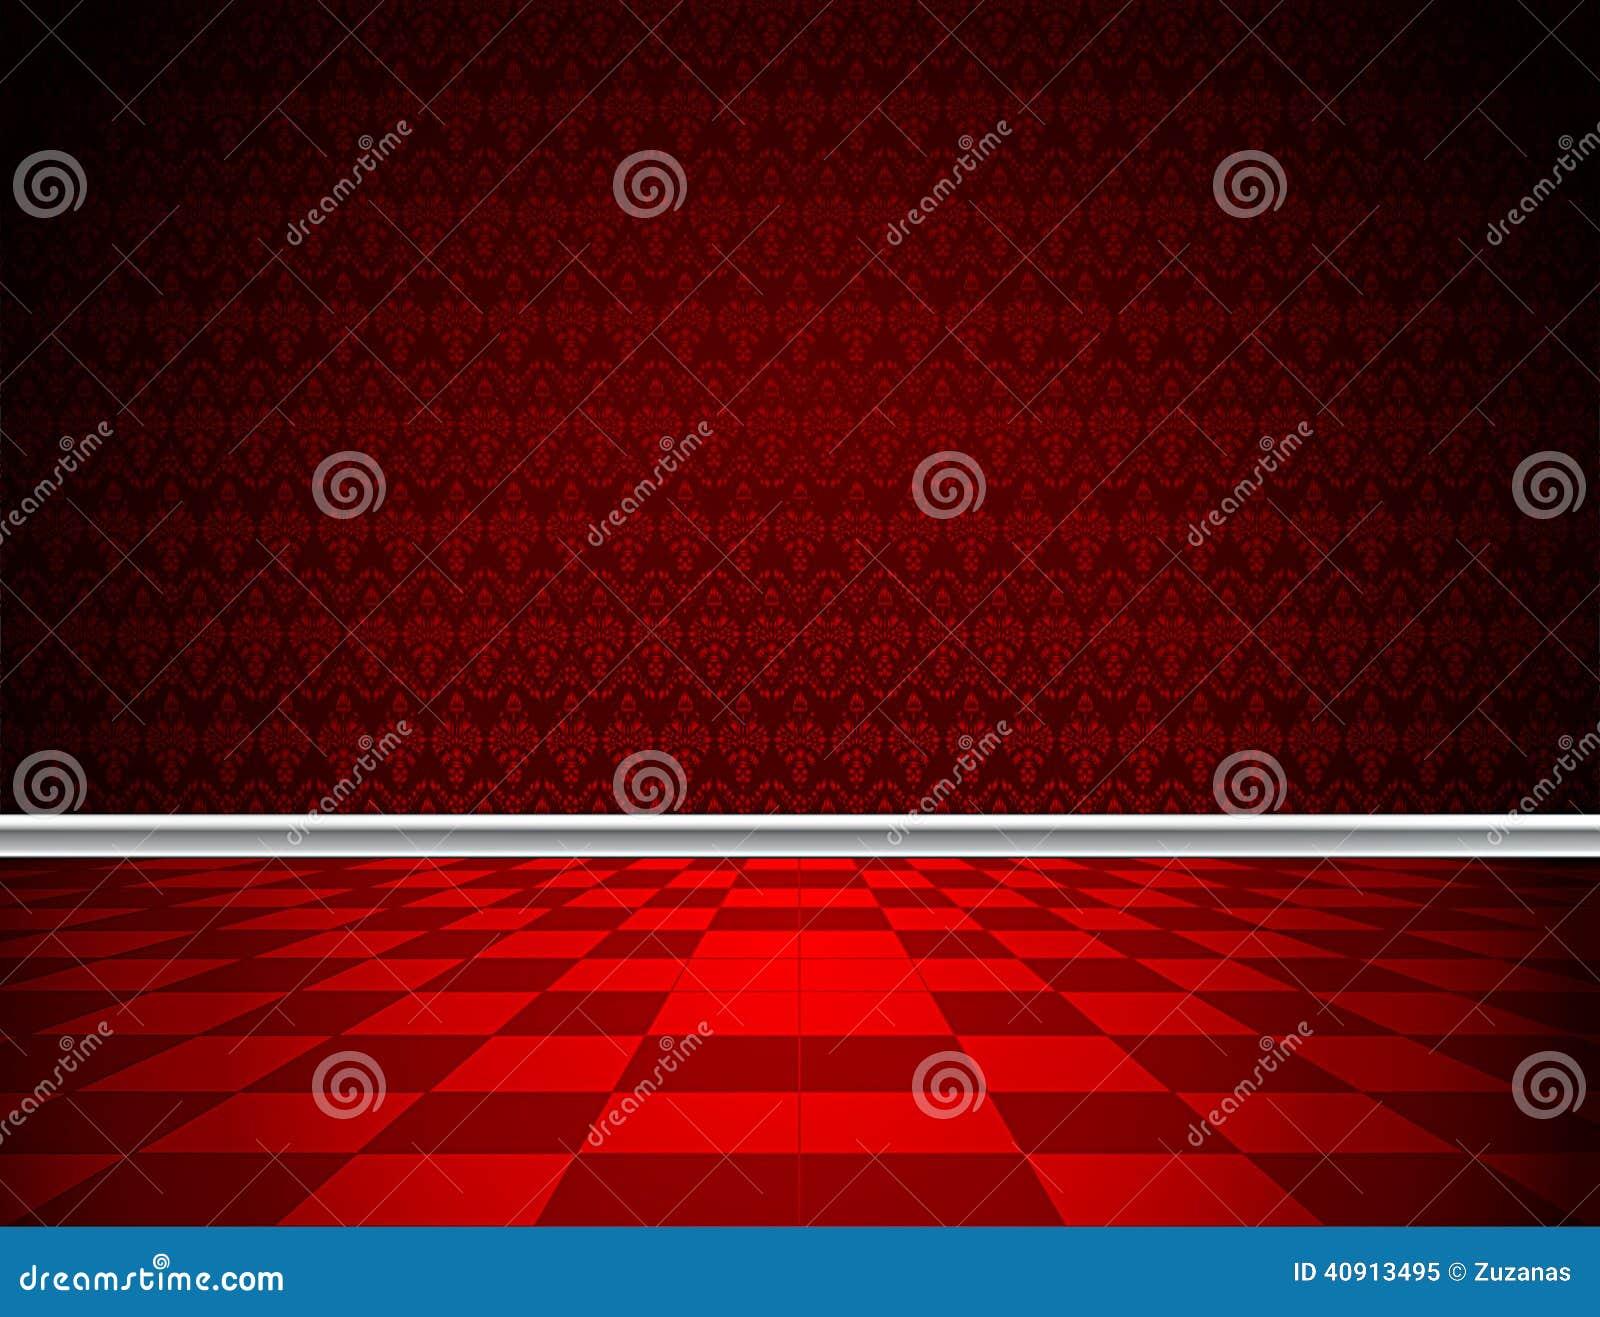 Roter boden tapete und formteil stock abbildung bild - Rote tapete ...